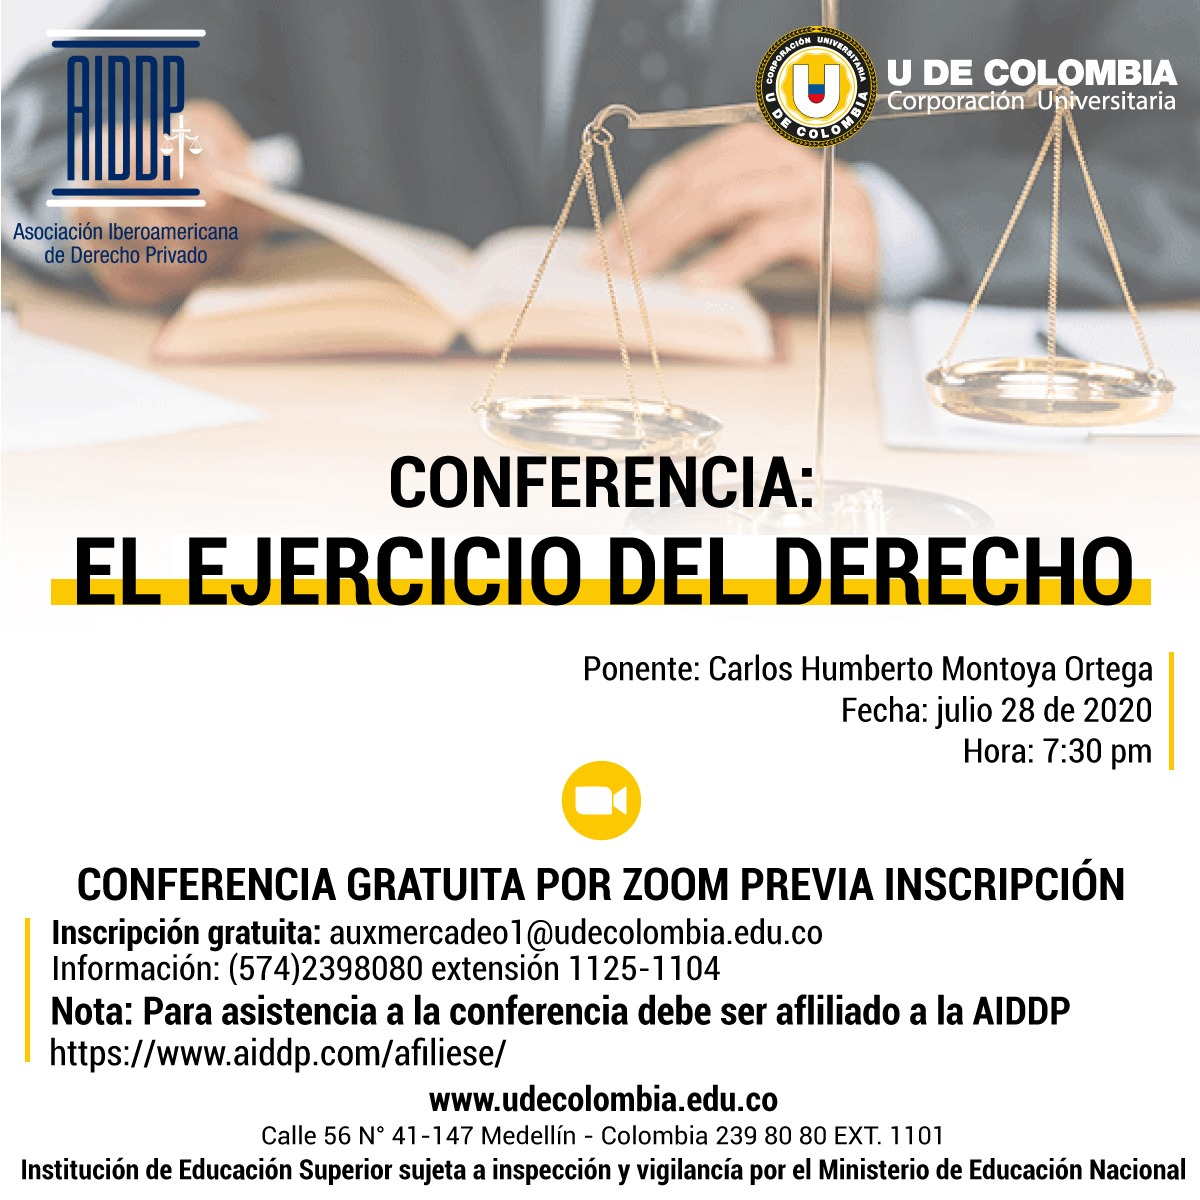 CONFERENCIA EL EJERCICIO DEL DERECHO